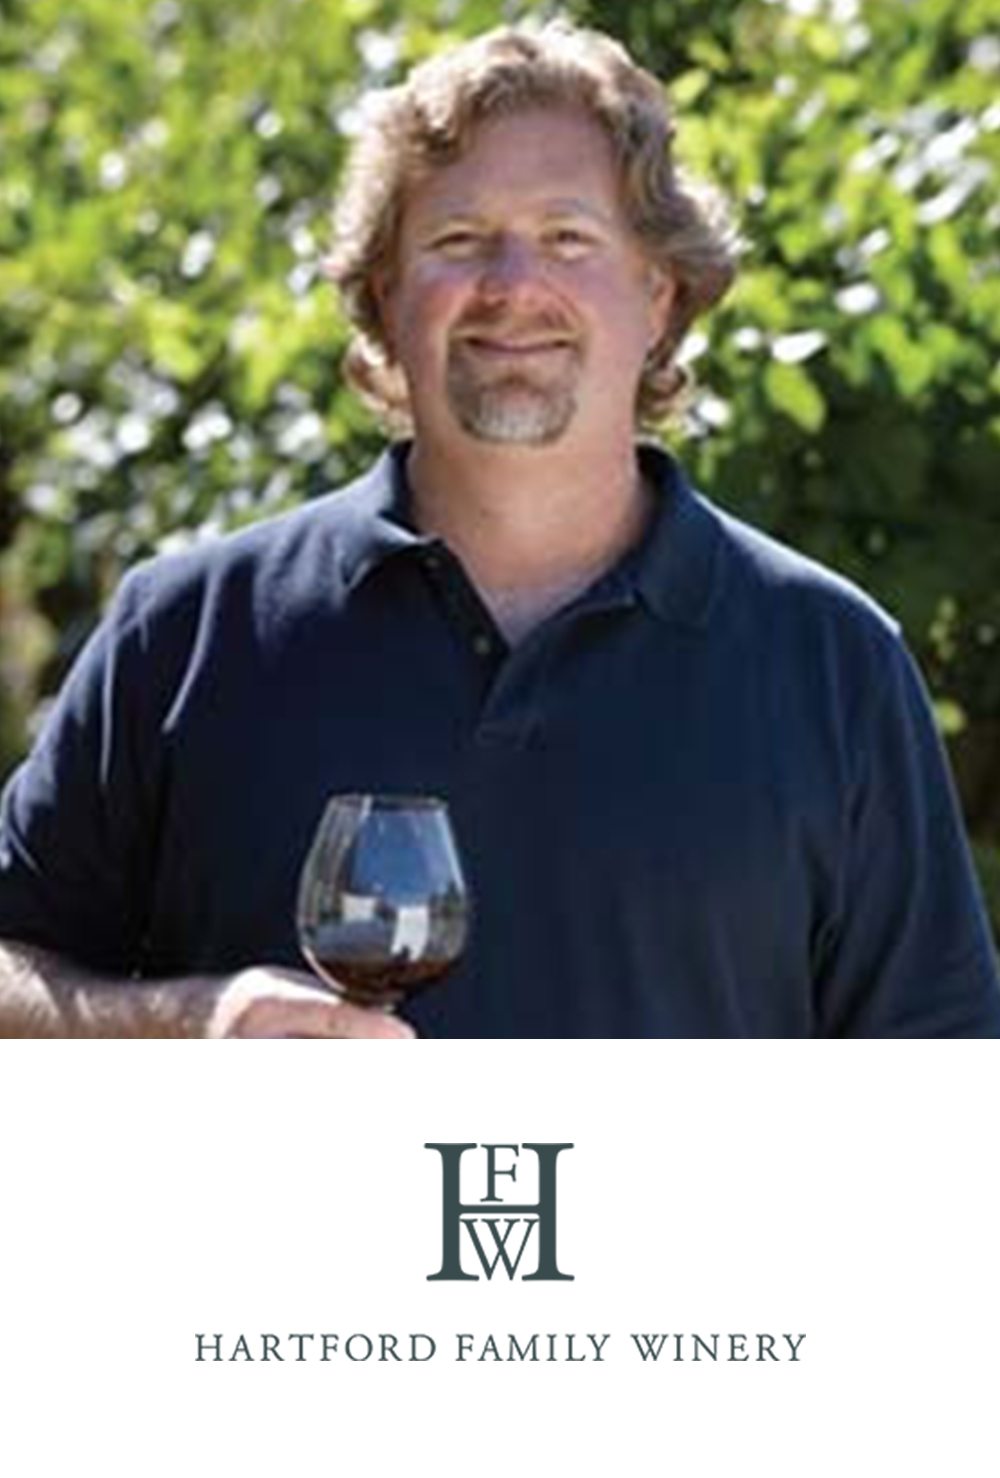 hartfor-family-winery.jpg